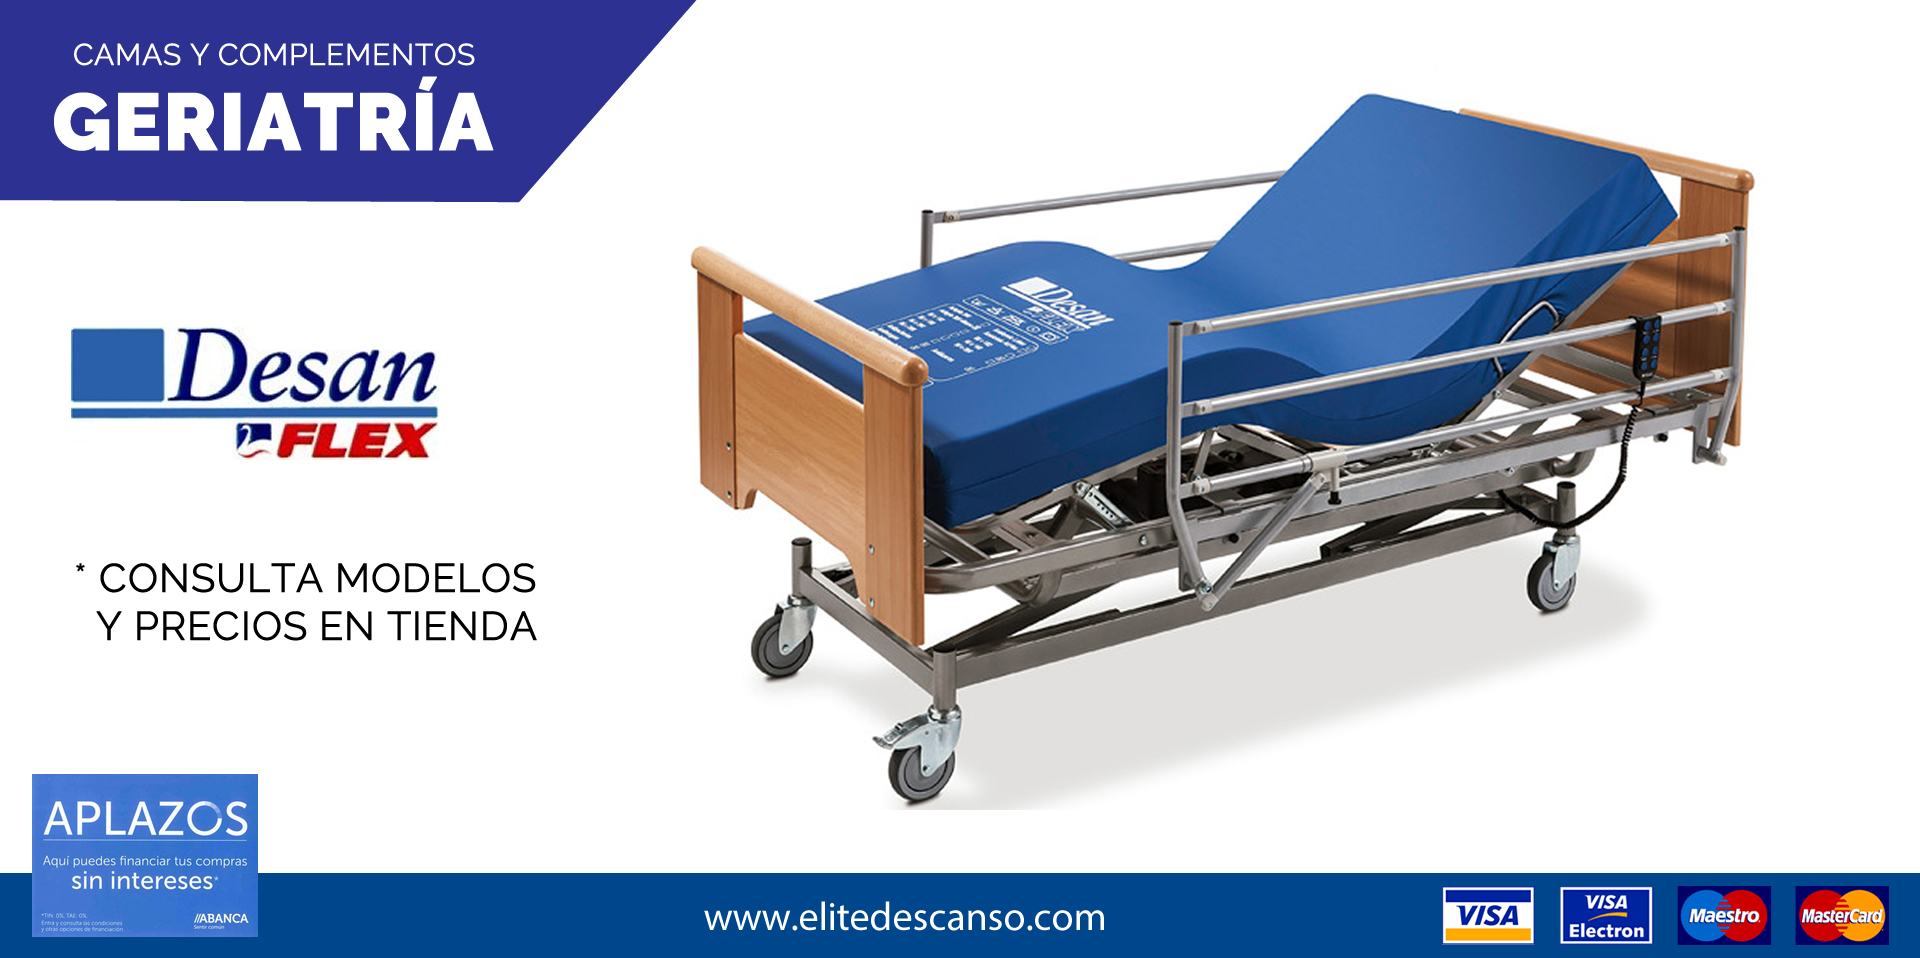 ofertas camas articuladas geriatría enfermos pacientes ancianos